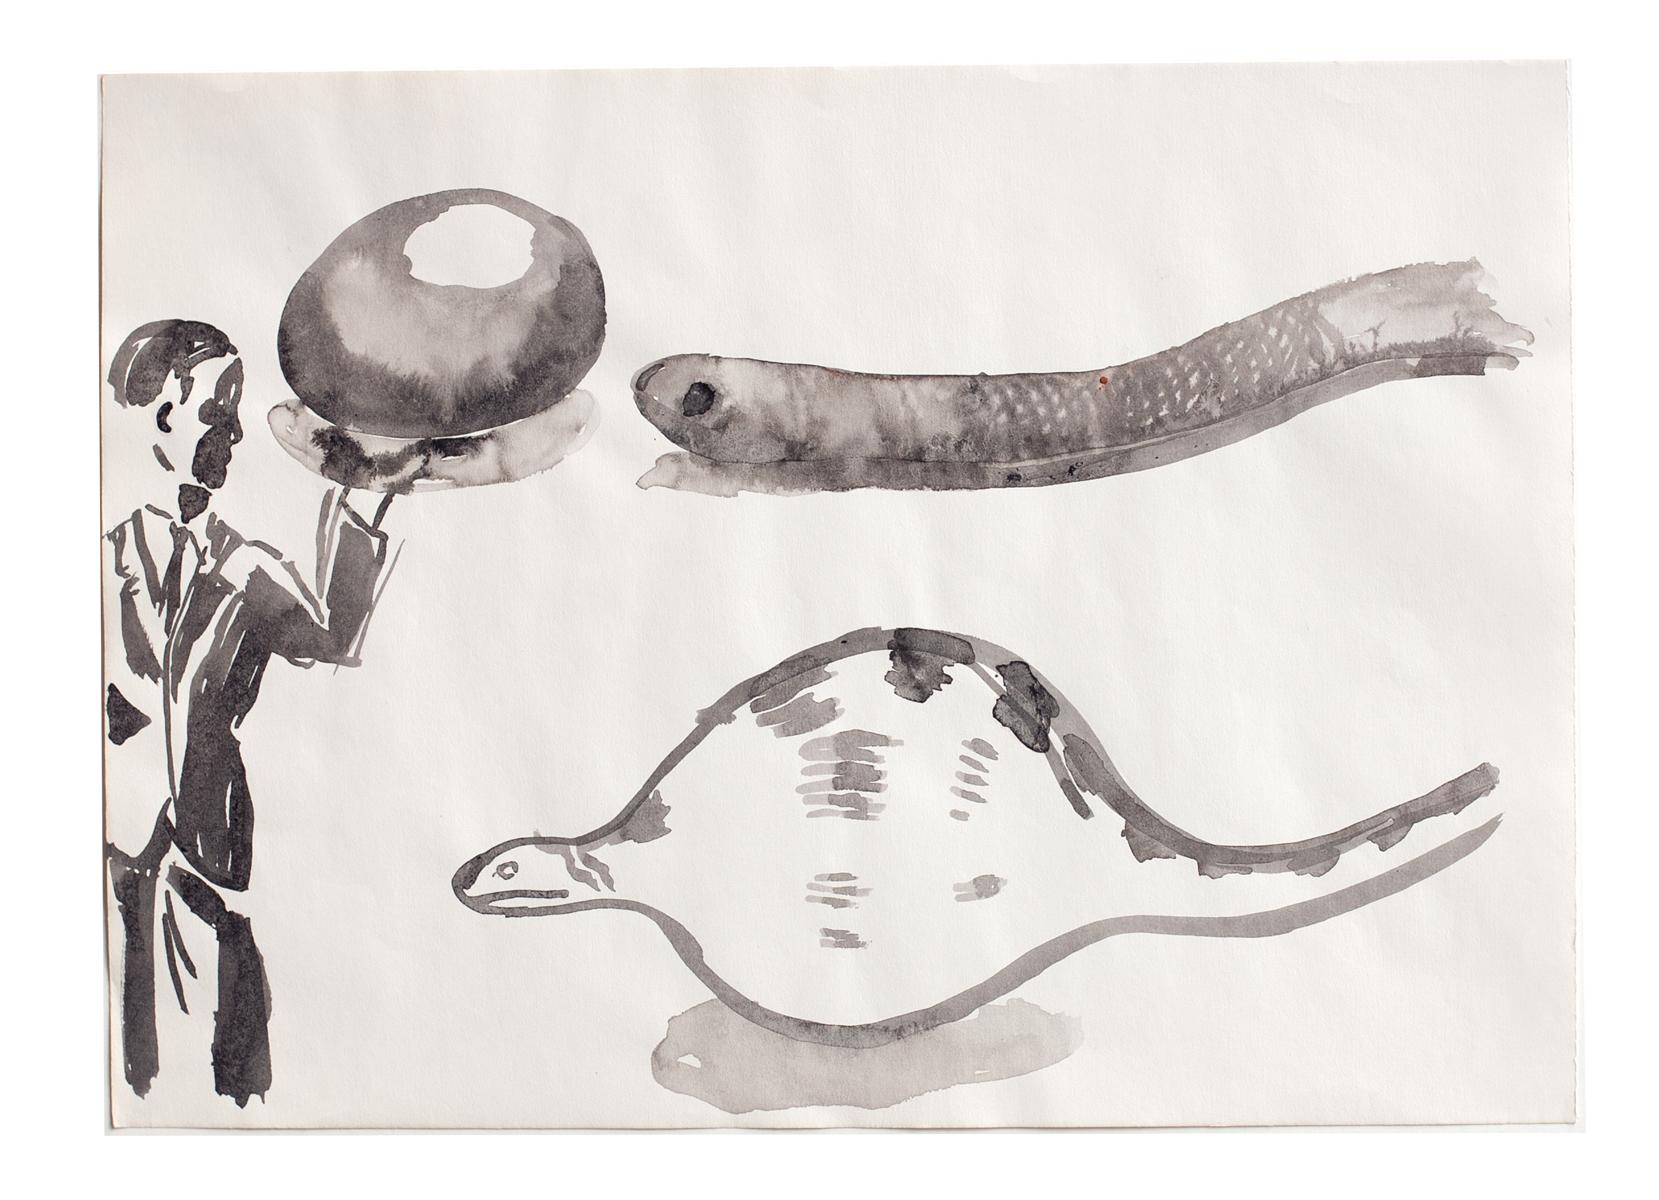 ohne Titel_2006 / 41 x 29,7 cm_Tusche/Papier